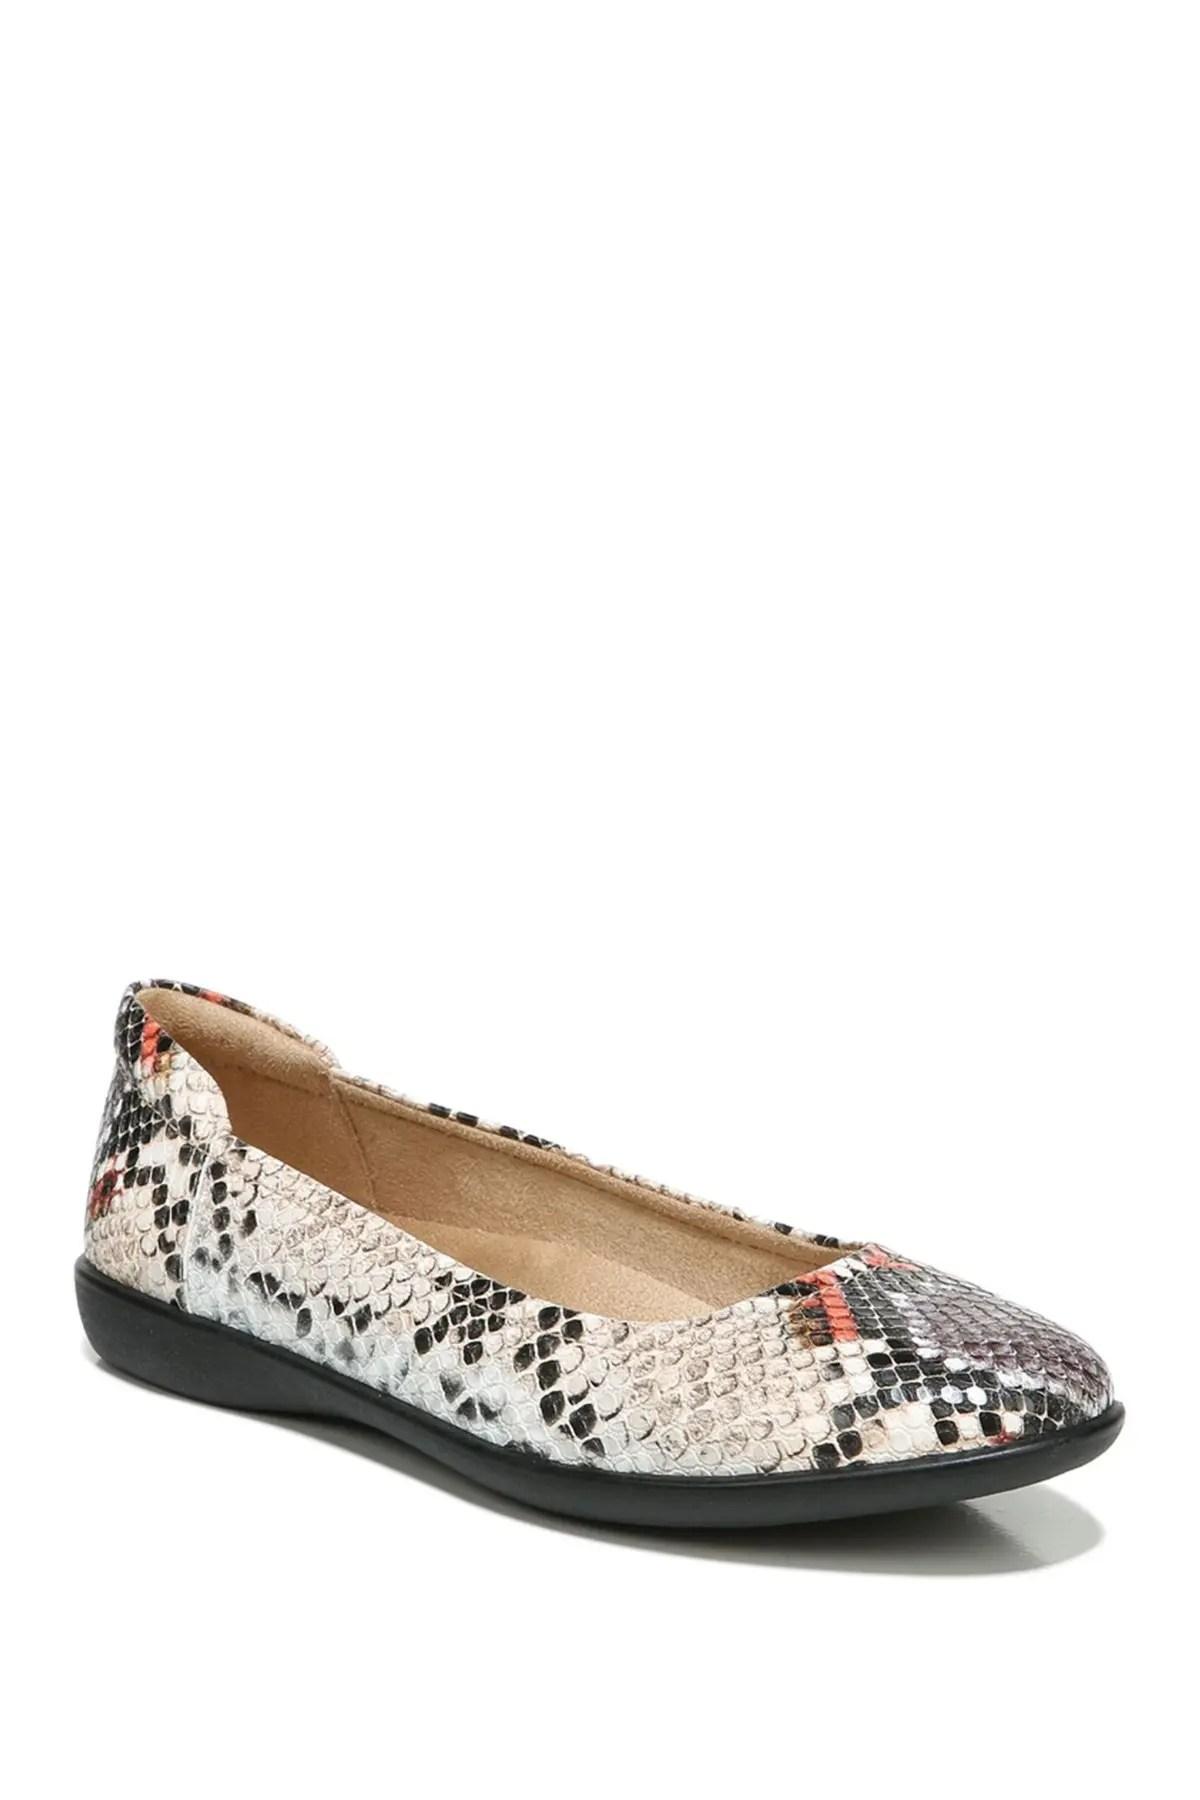 women s comfort shoes nordstrom rack